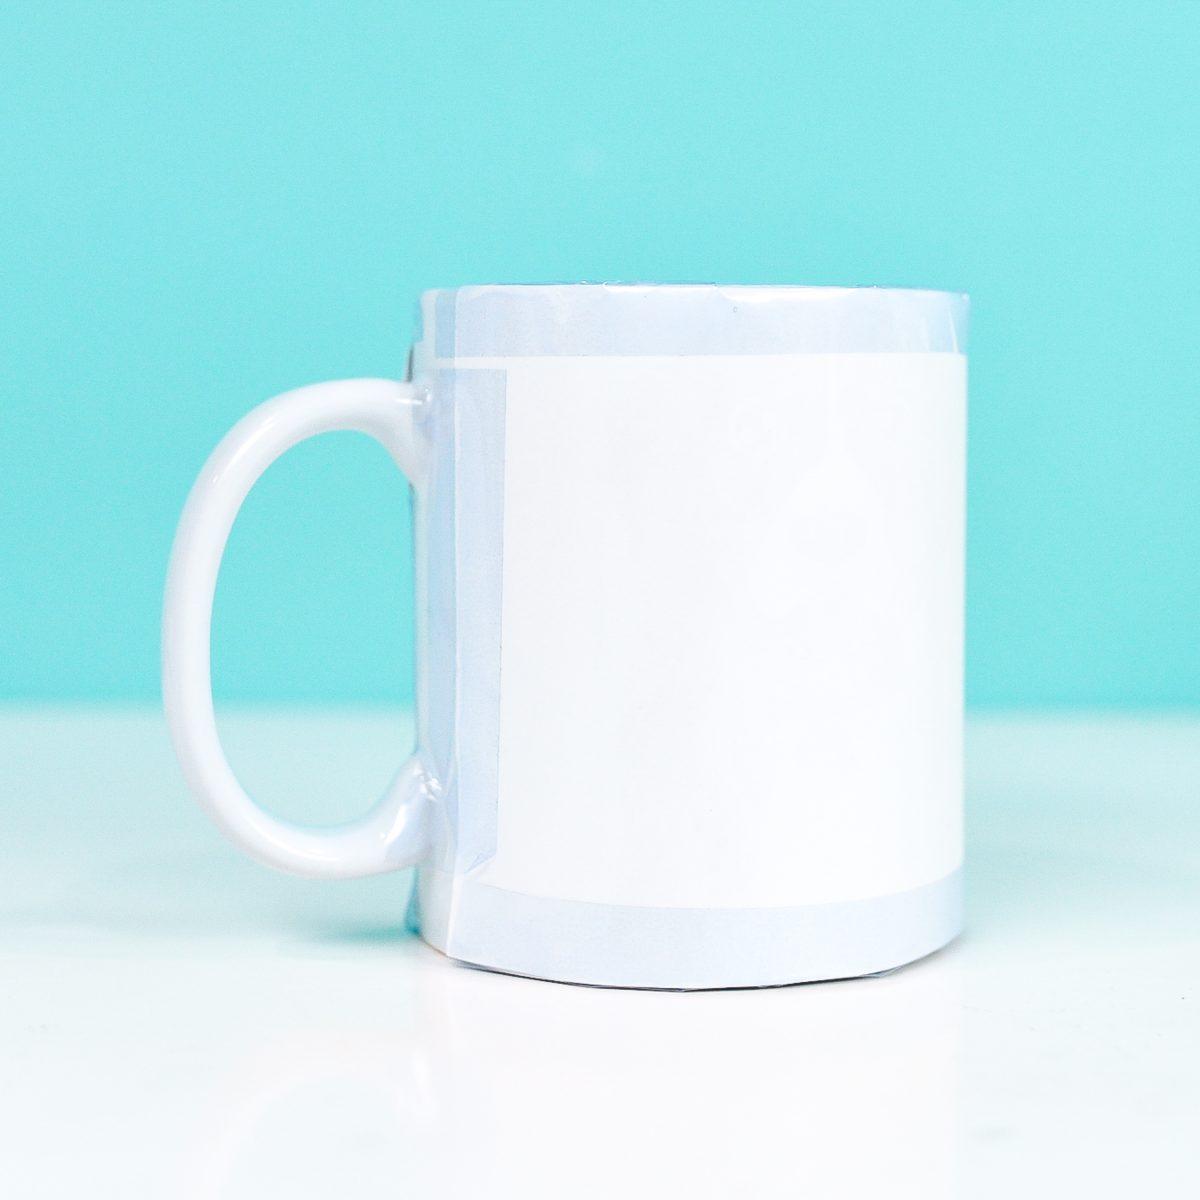 Image taped on Cricut mug